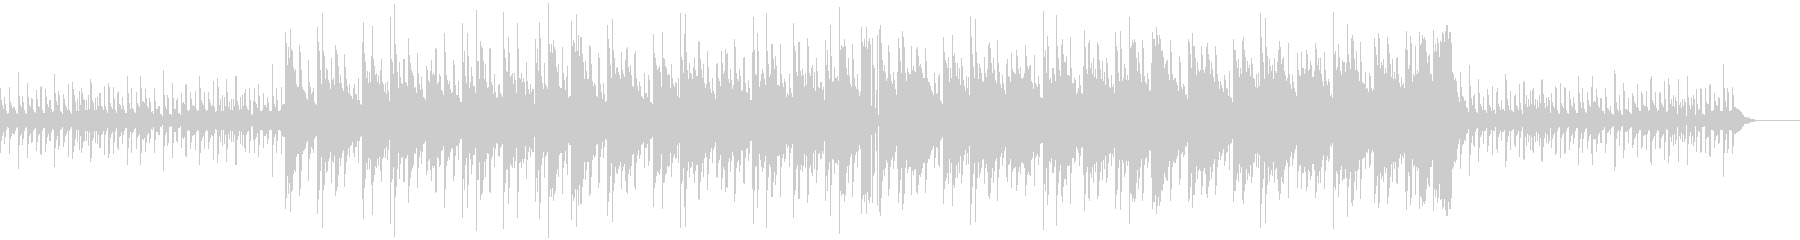 ダークなHIPHOPの未再生の波形